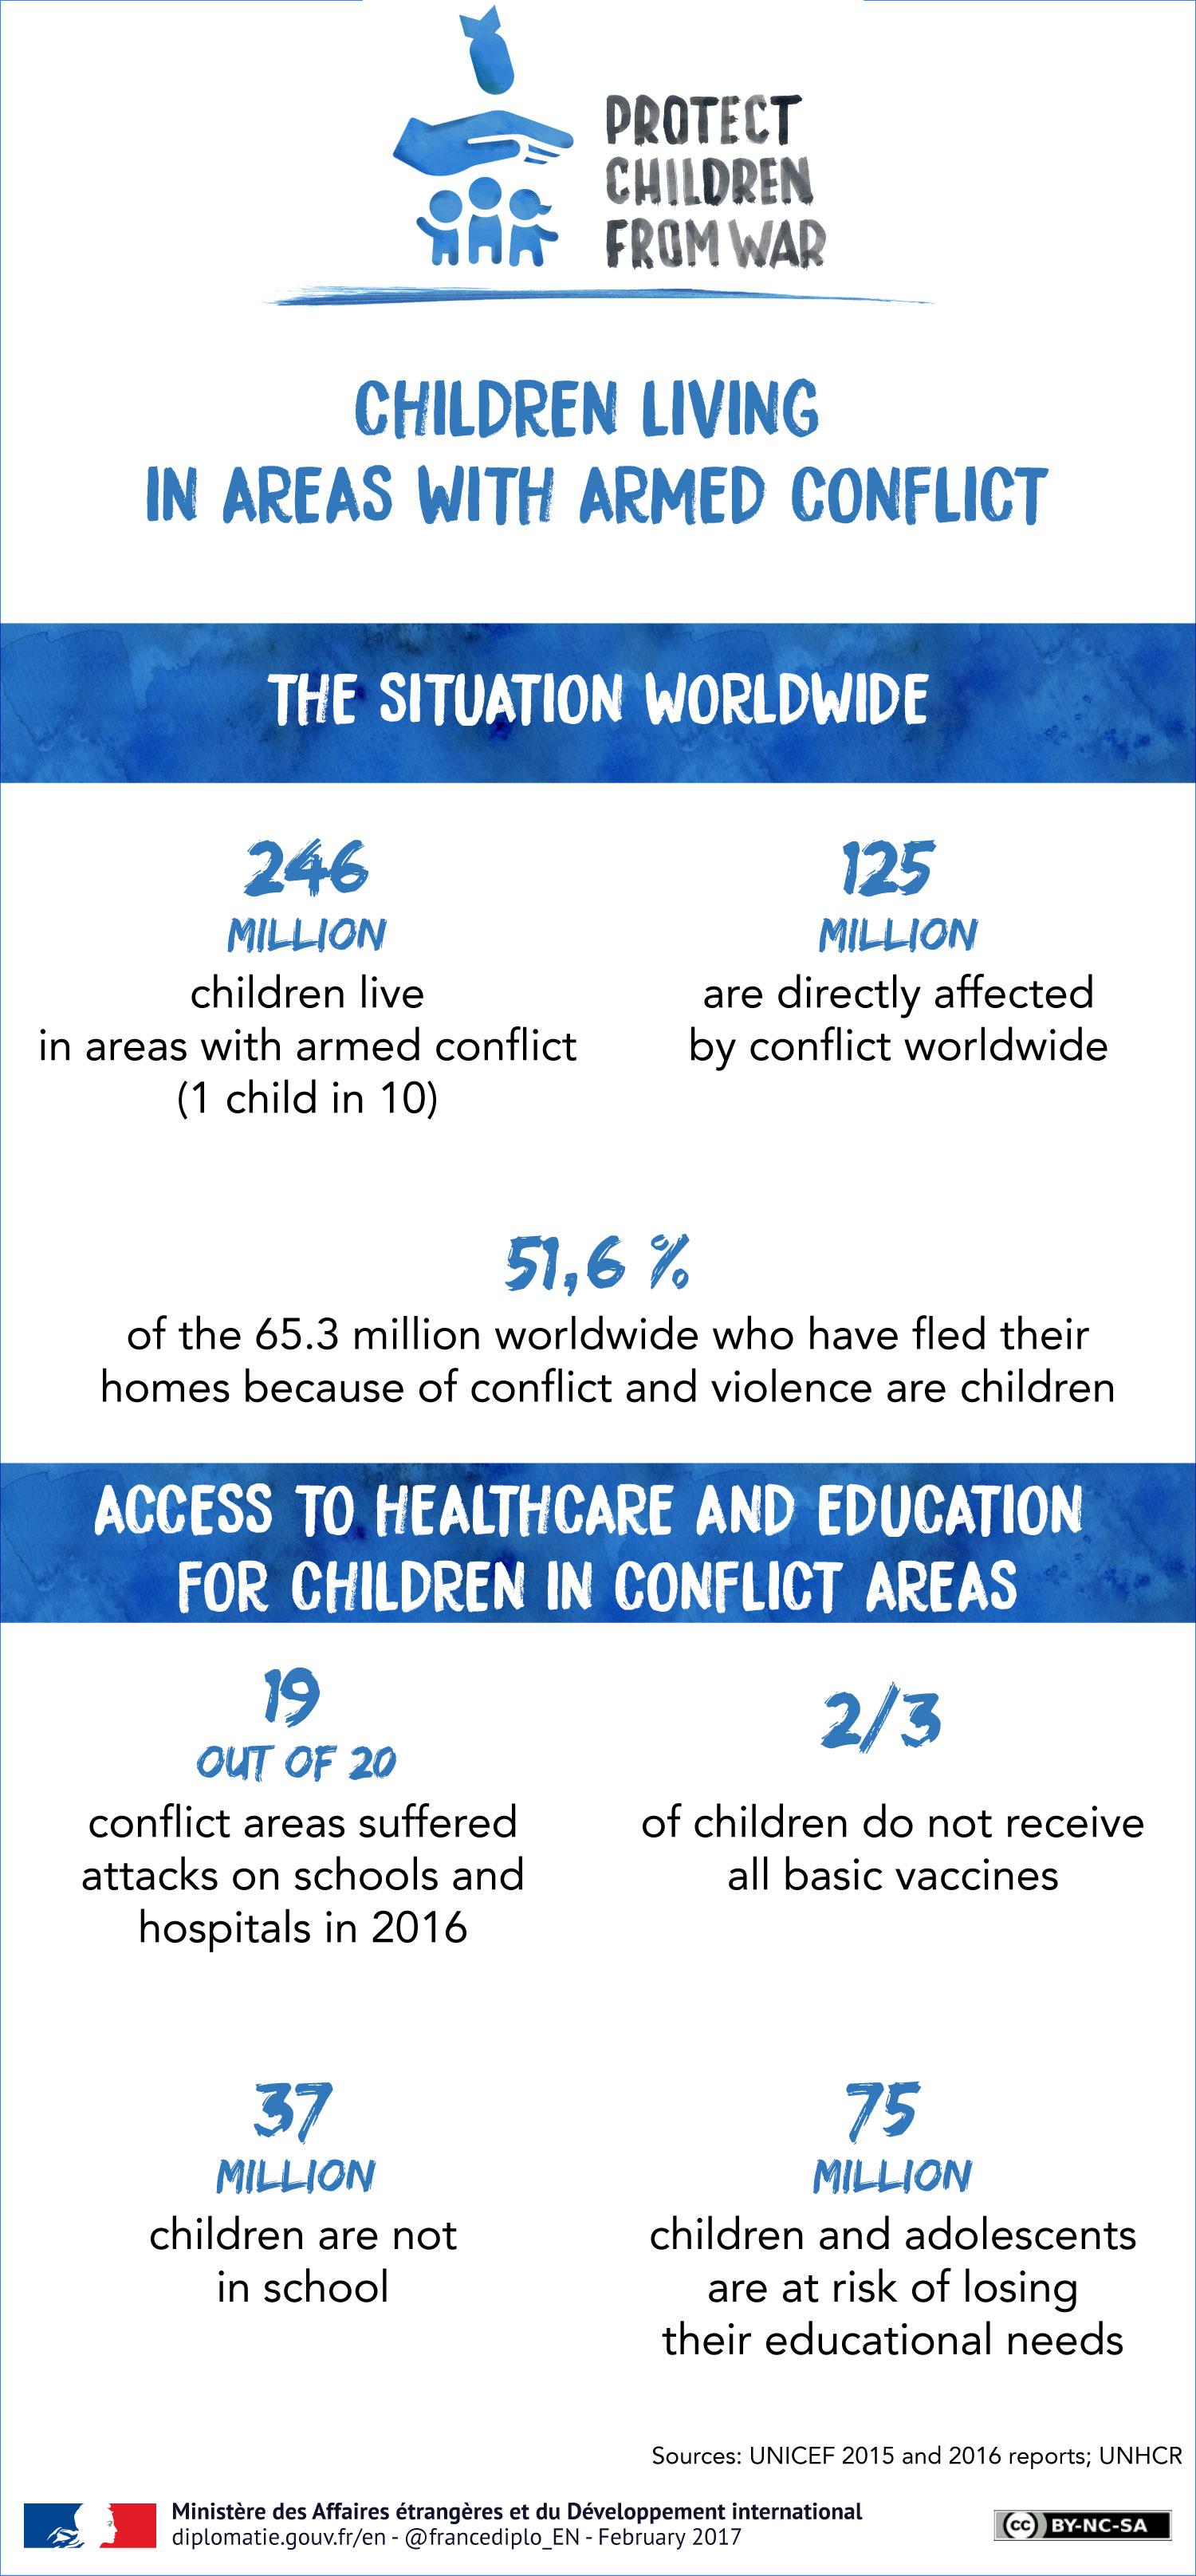 Protect children from war - JPEG